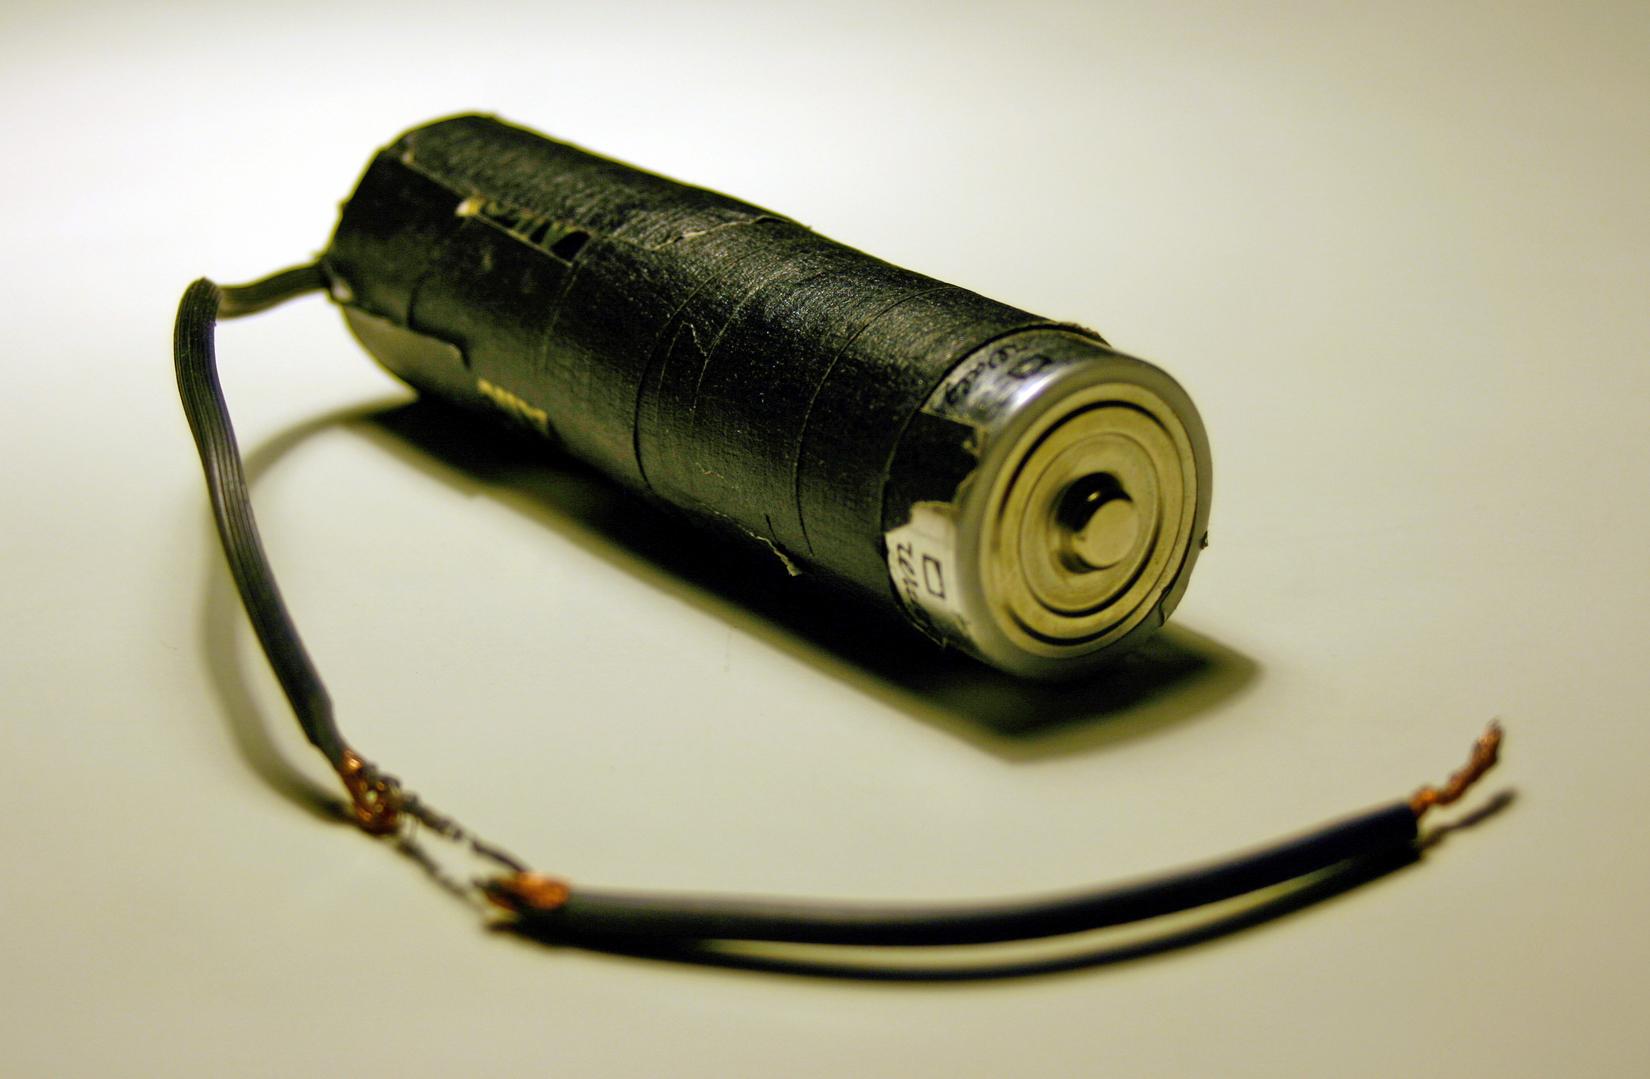 Battery cigarette lighter